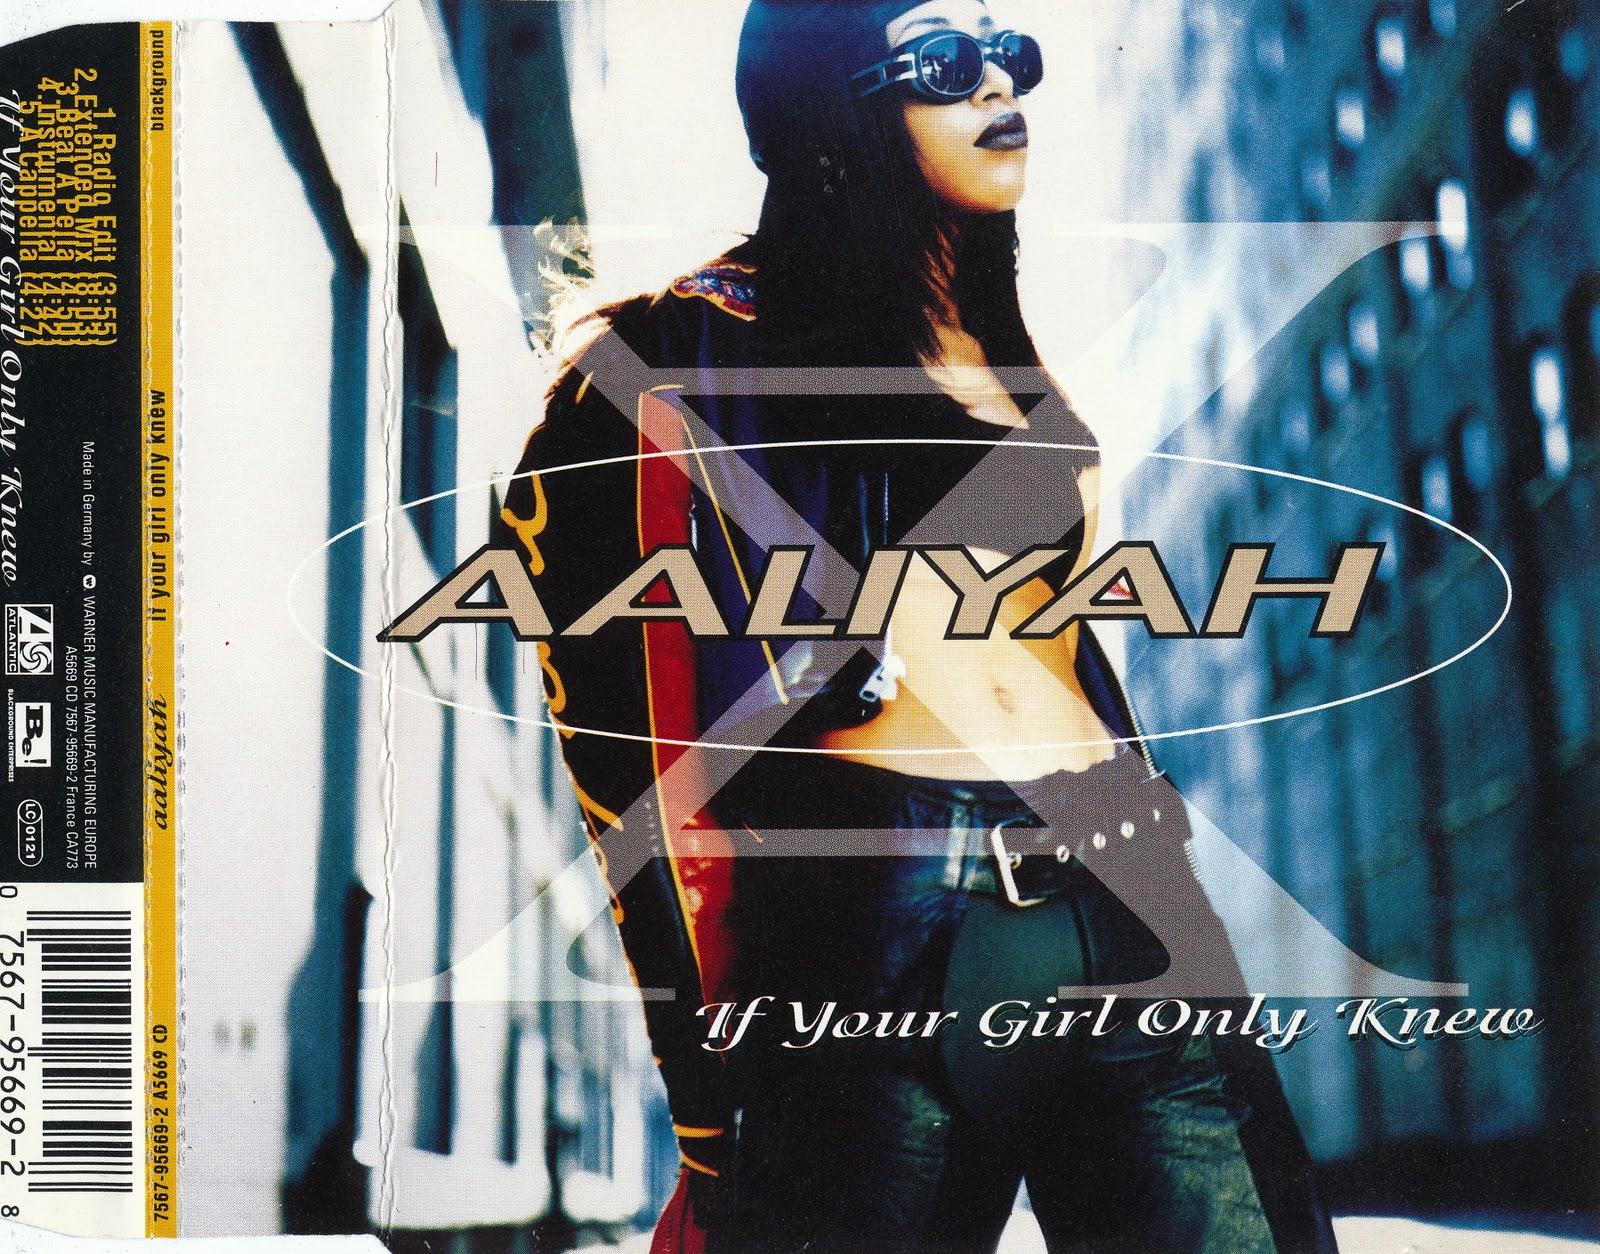 http://1.bp.blogspot.com/_7aFG1JabCYY/TTo_8phfjuI/AAAAAAAAAGA/bO4HqCOt494/s1600/Aaliyah+If+Front.jpg